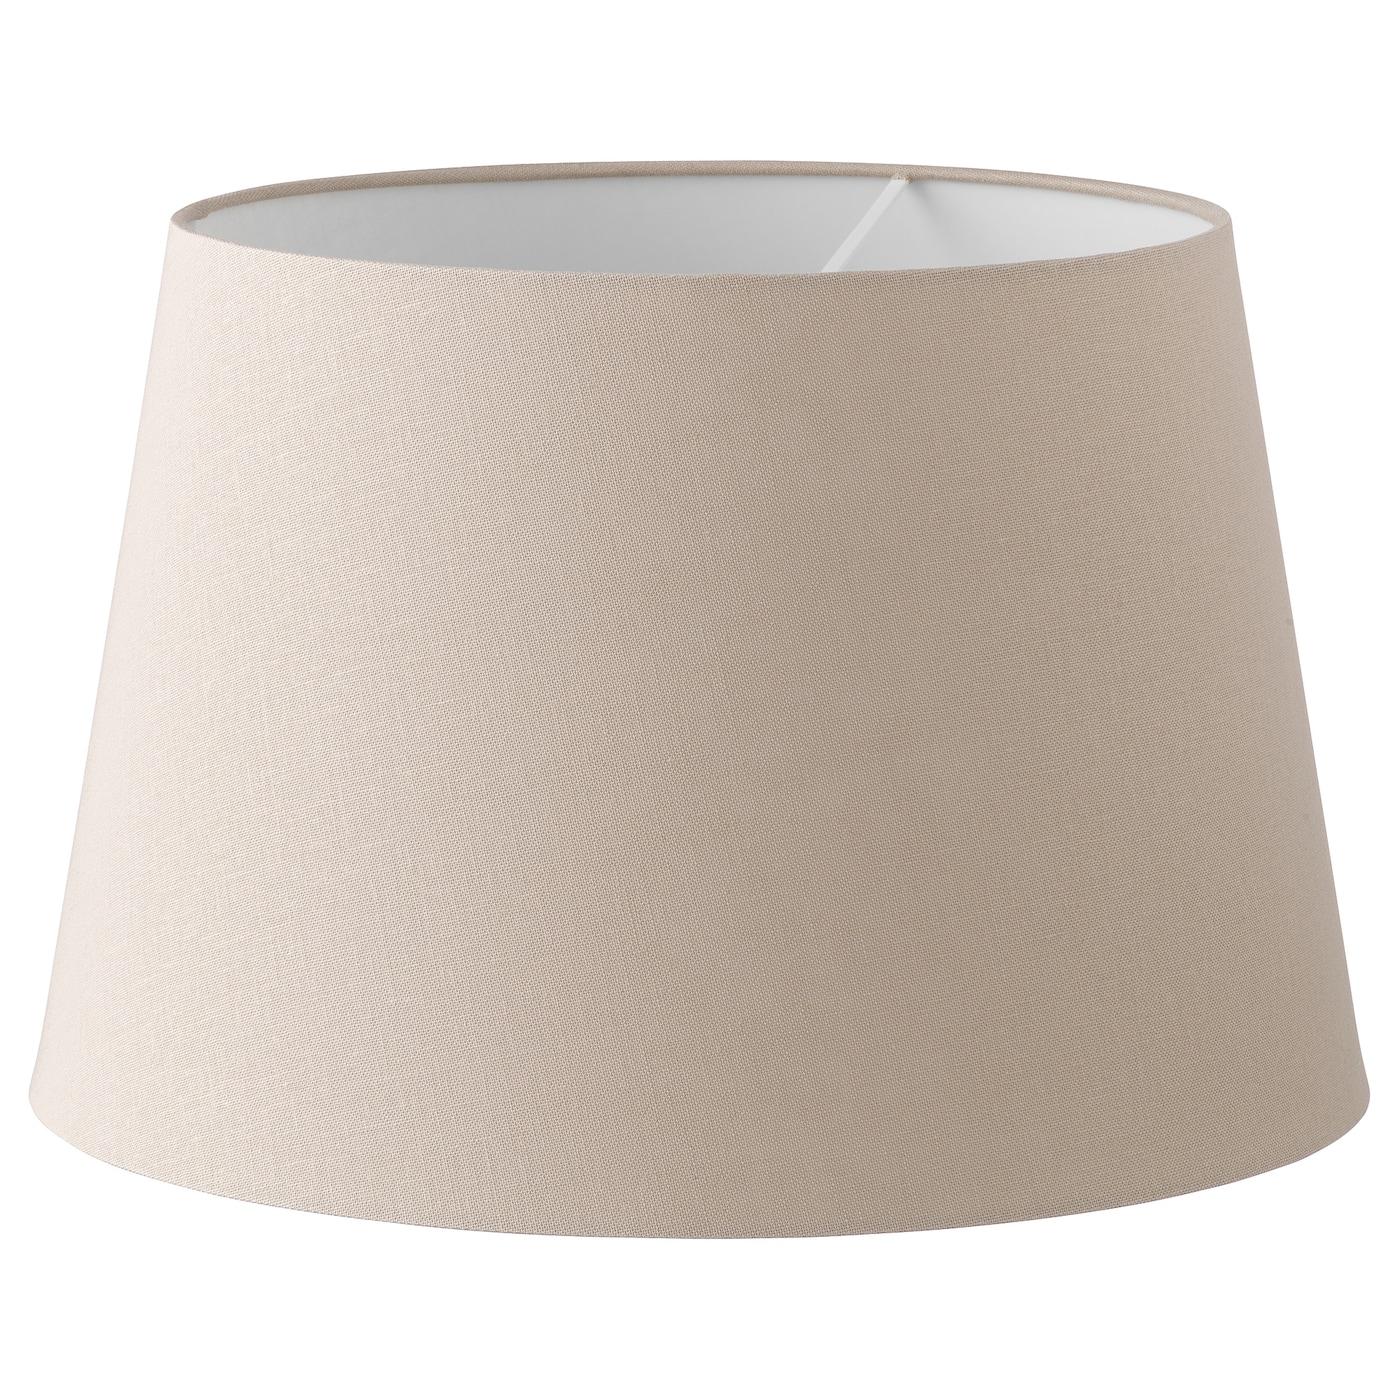 Jära Pantalla Para Lámpara Beige 44 Cm Ikea